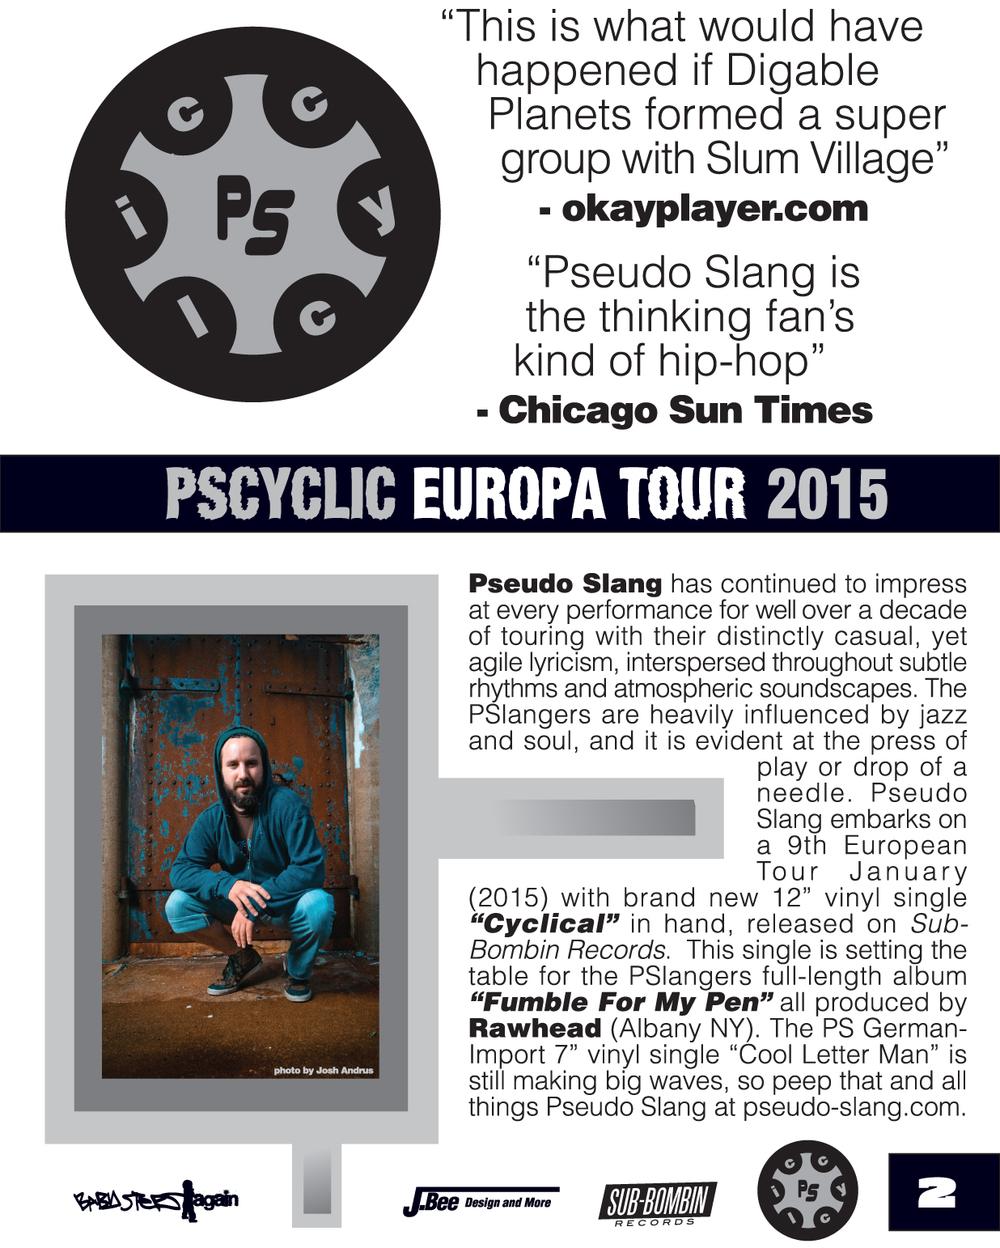 PSCYCLIC_Europa_2015A_Pg2.jpg